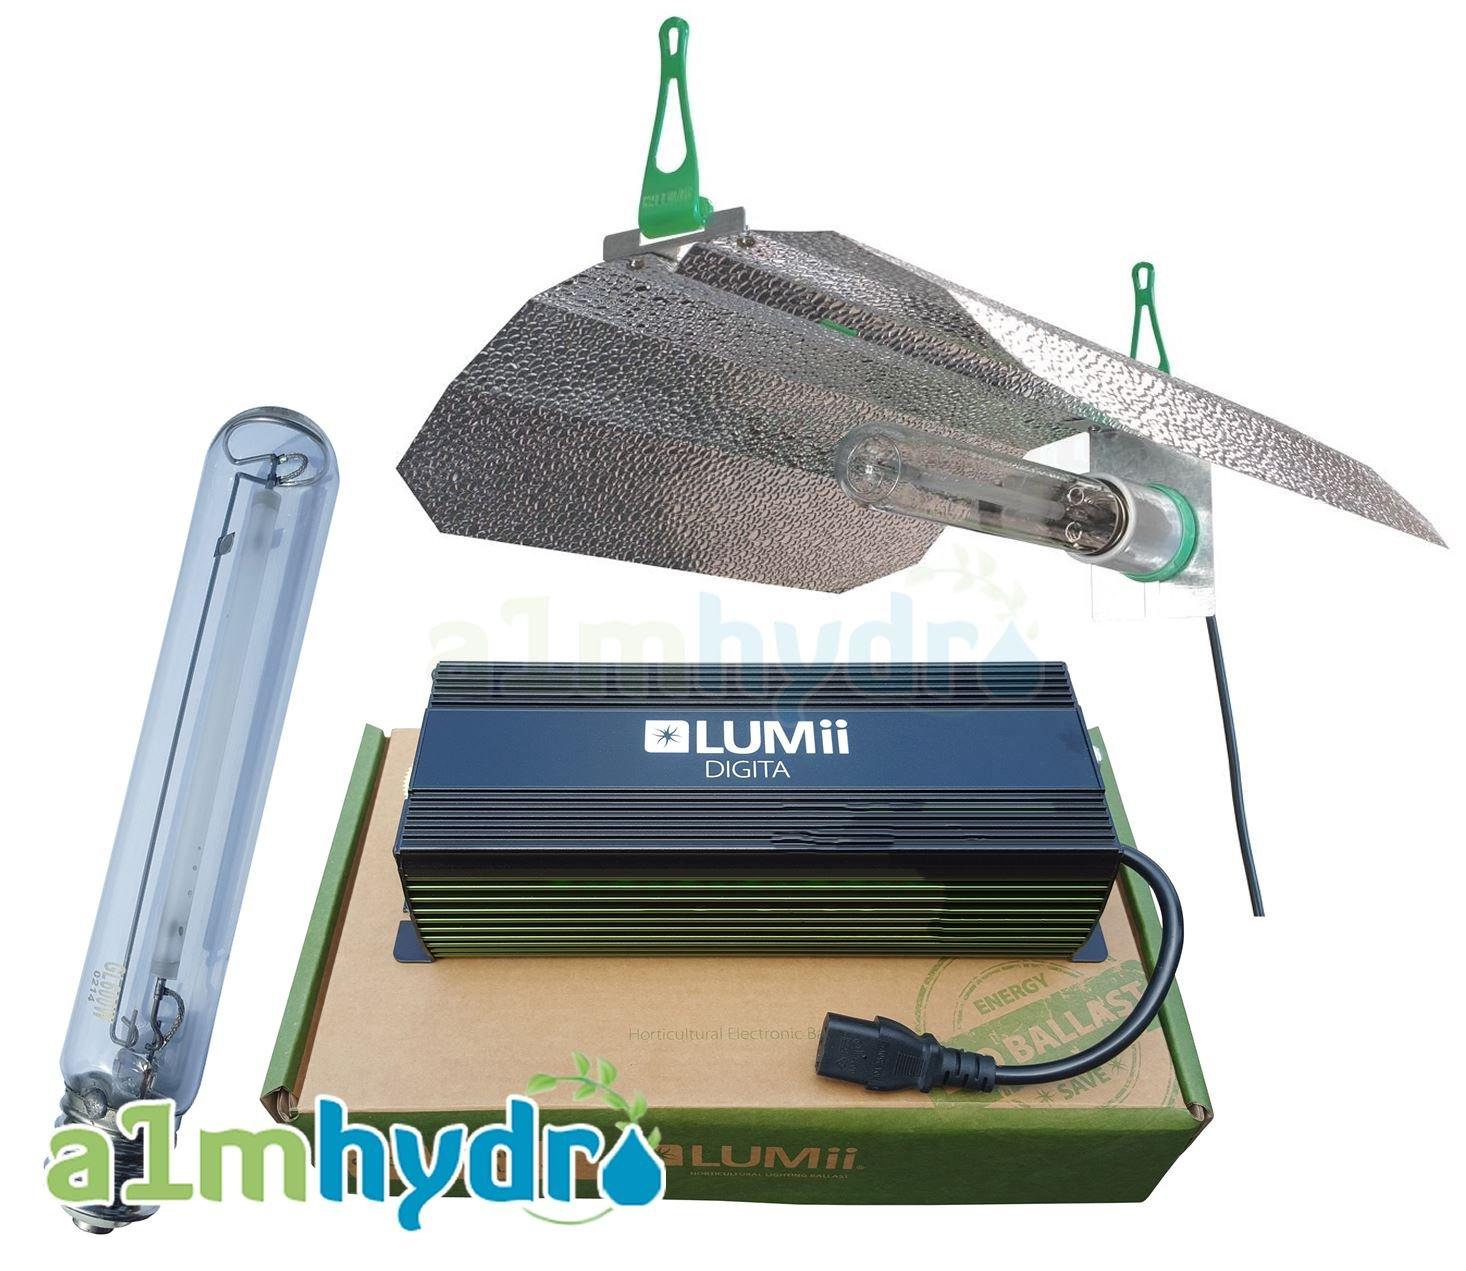 Lumii Digita Digitale Leuchte, 600 W Licht für Hydrokultur, Komplett-Kit